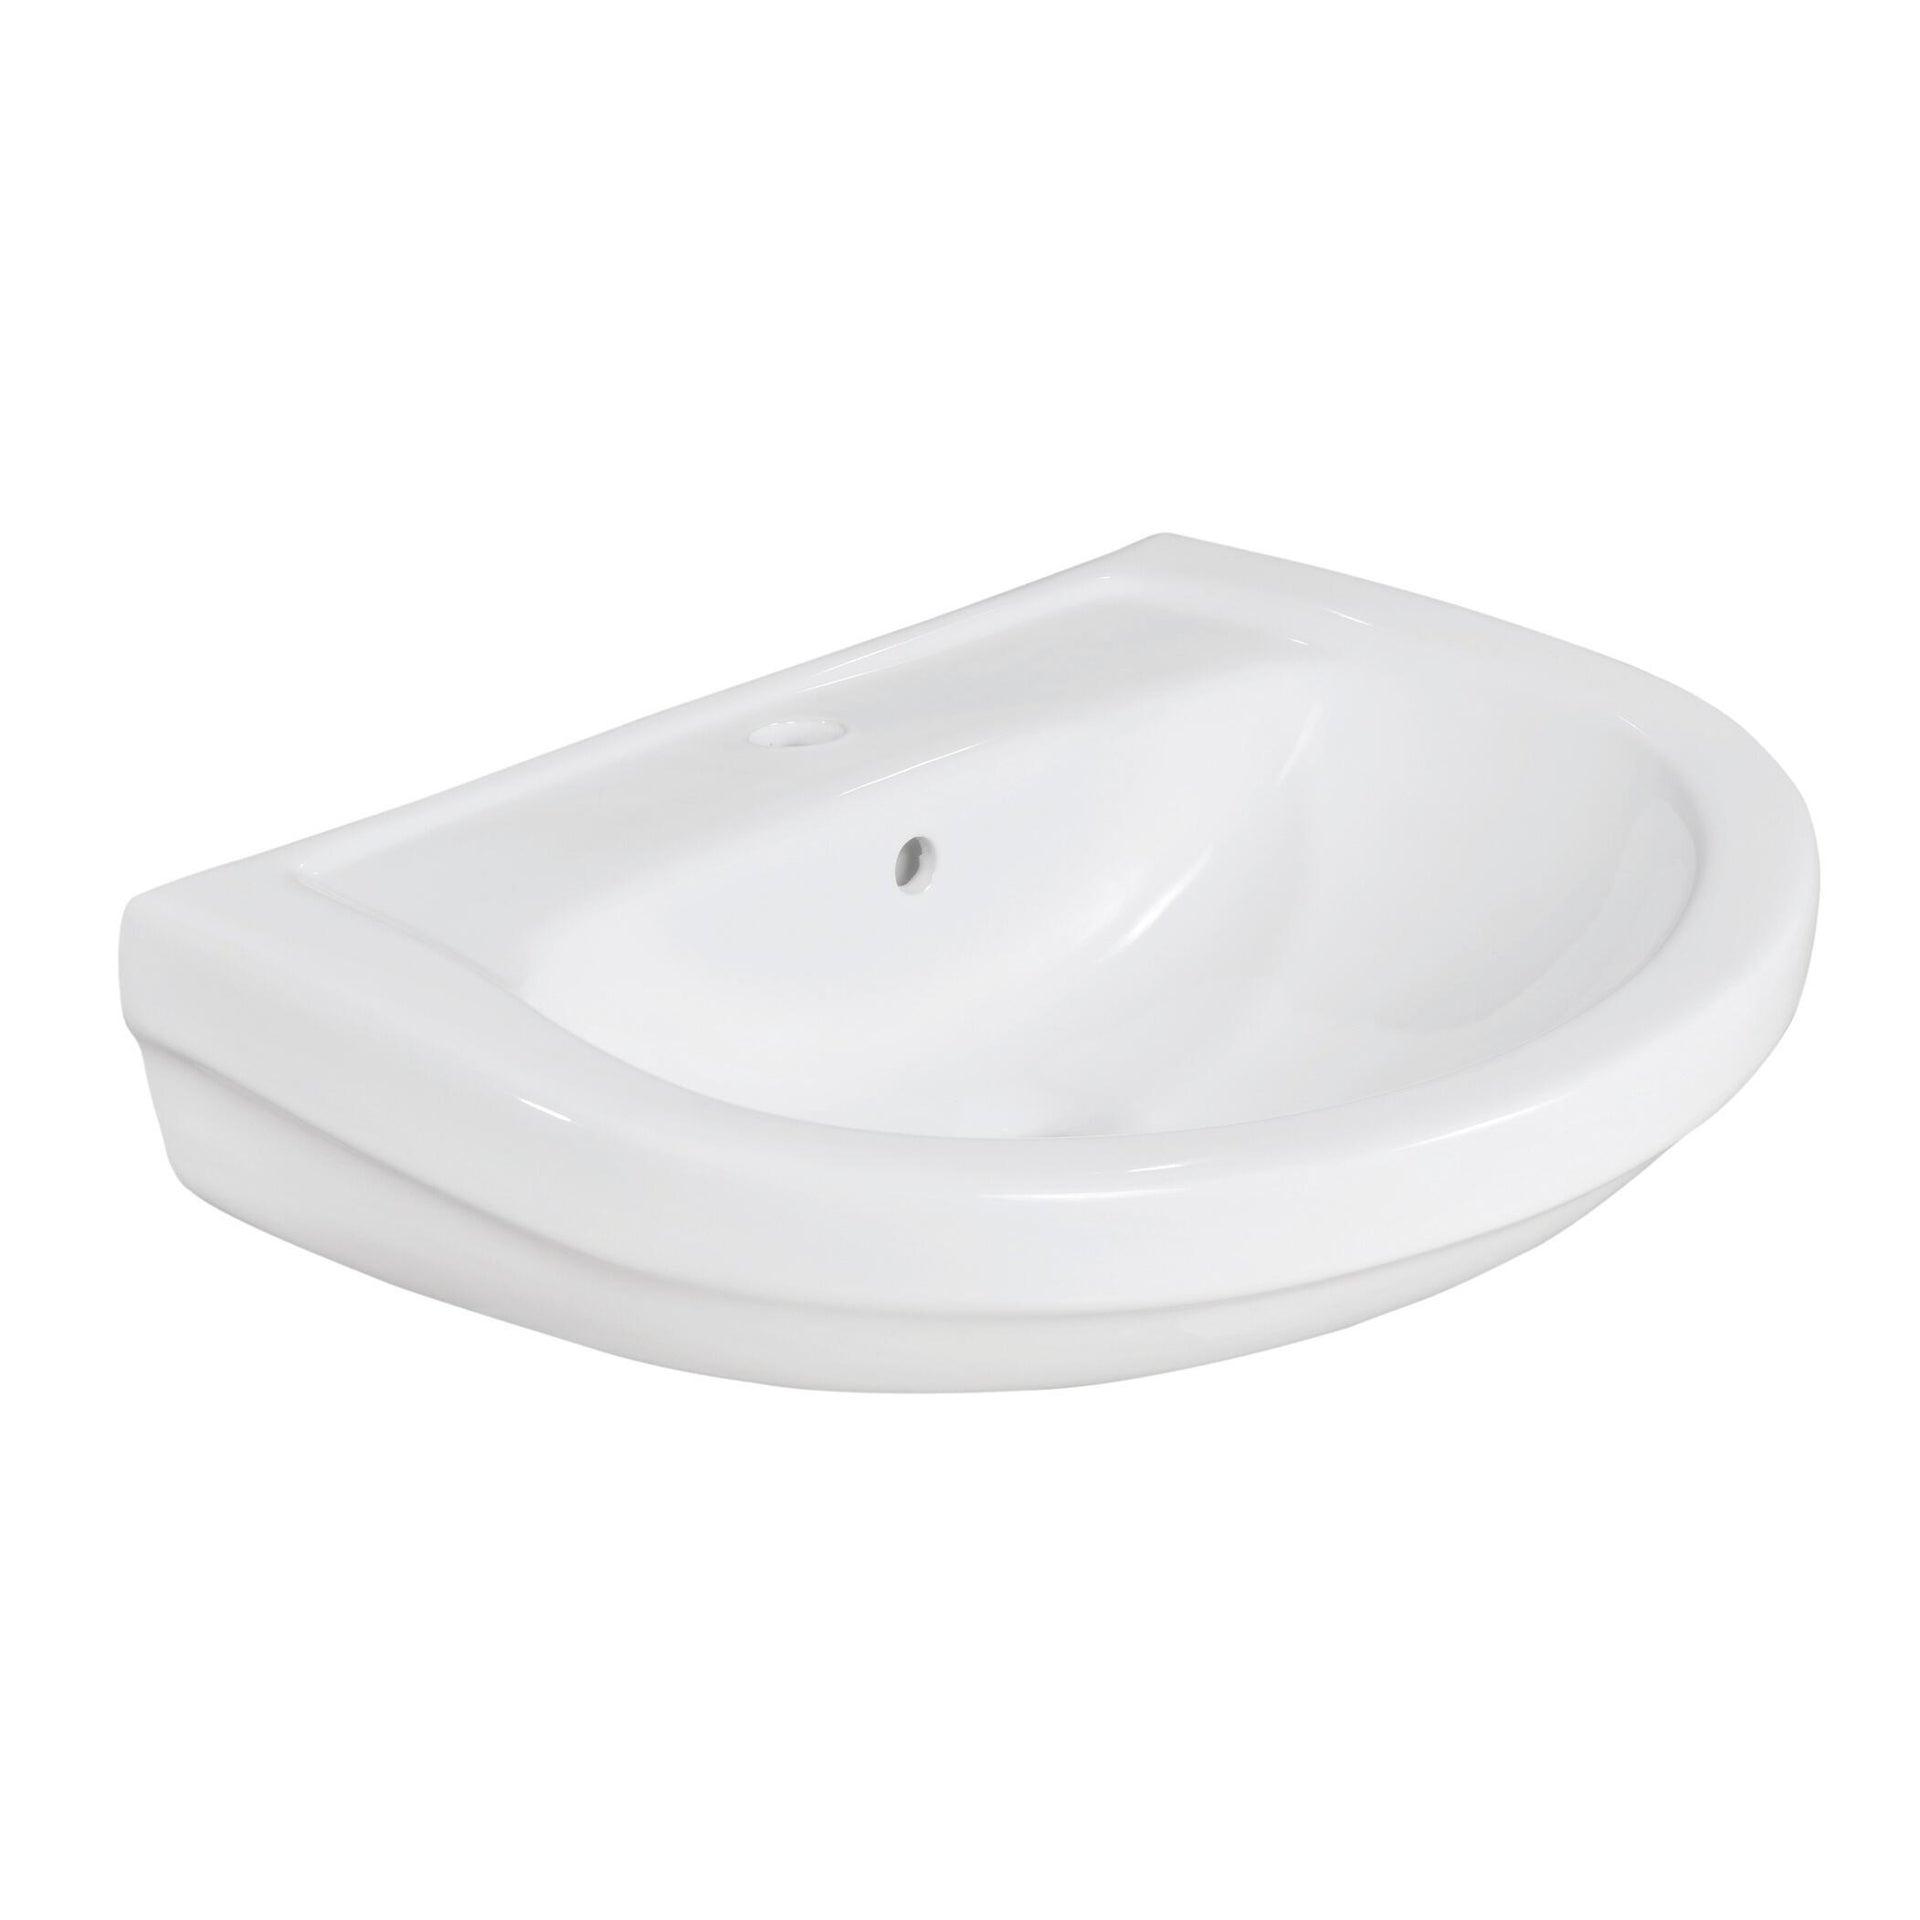 Lavabo Lake L 60 x P 45.5 cm in ceramica bianco